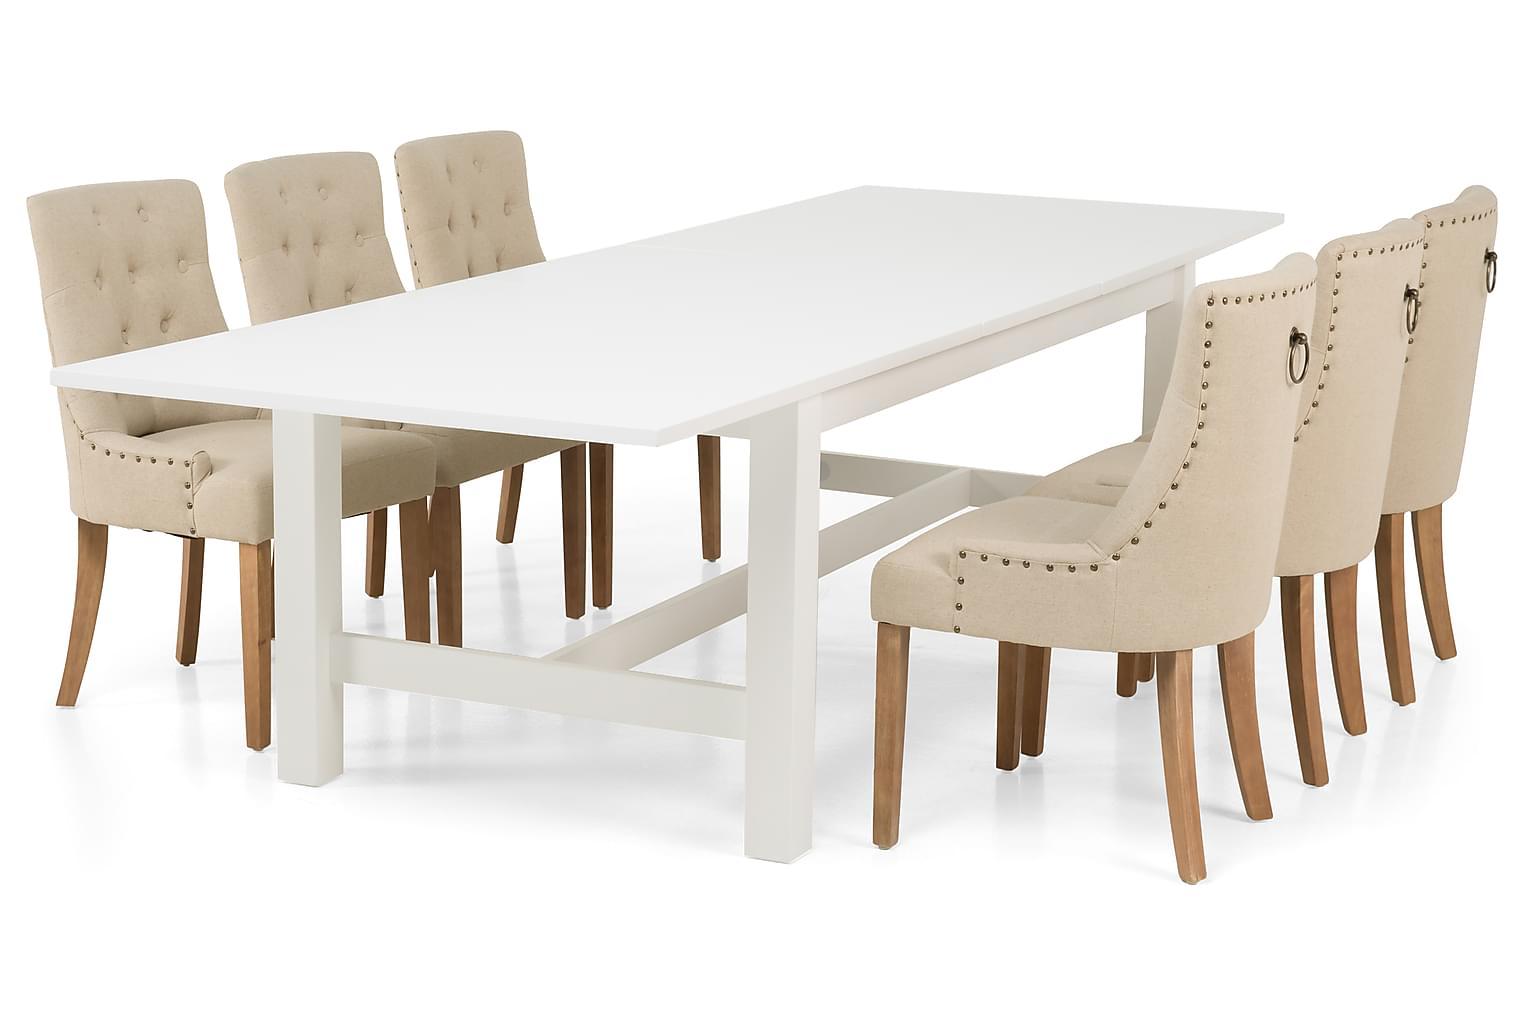 ALLIE Pöytä 240/300 Valkoinen + 6 COLFAX Nojatuolia Beige